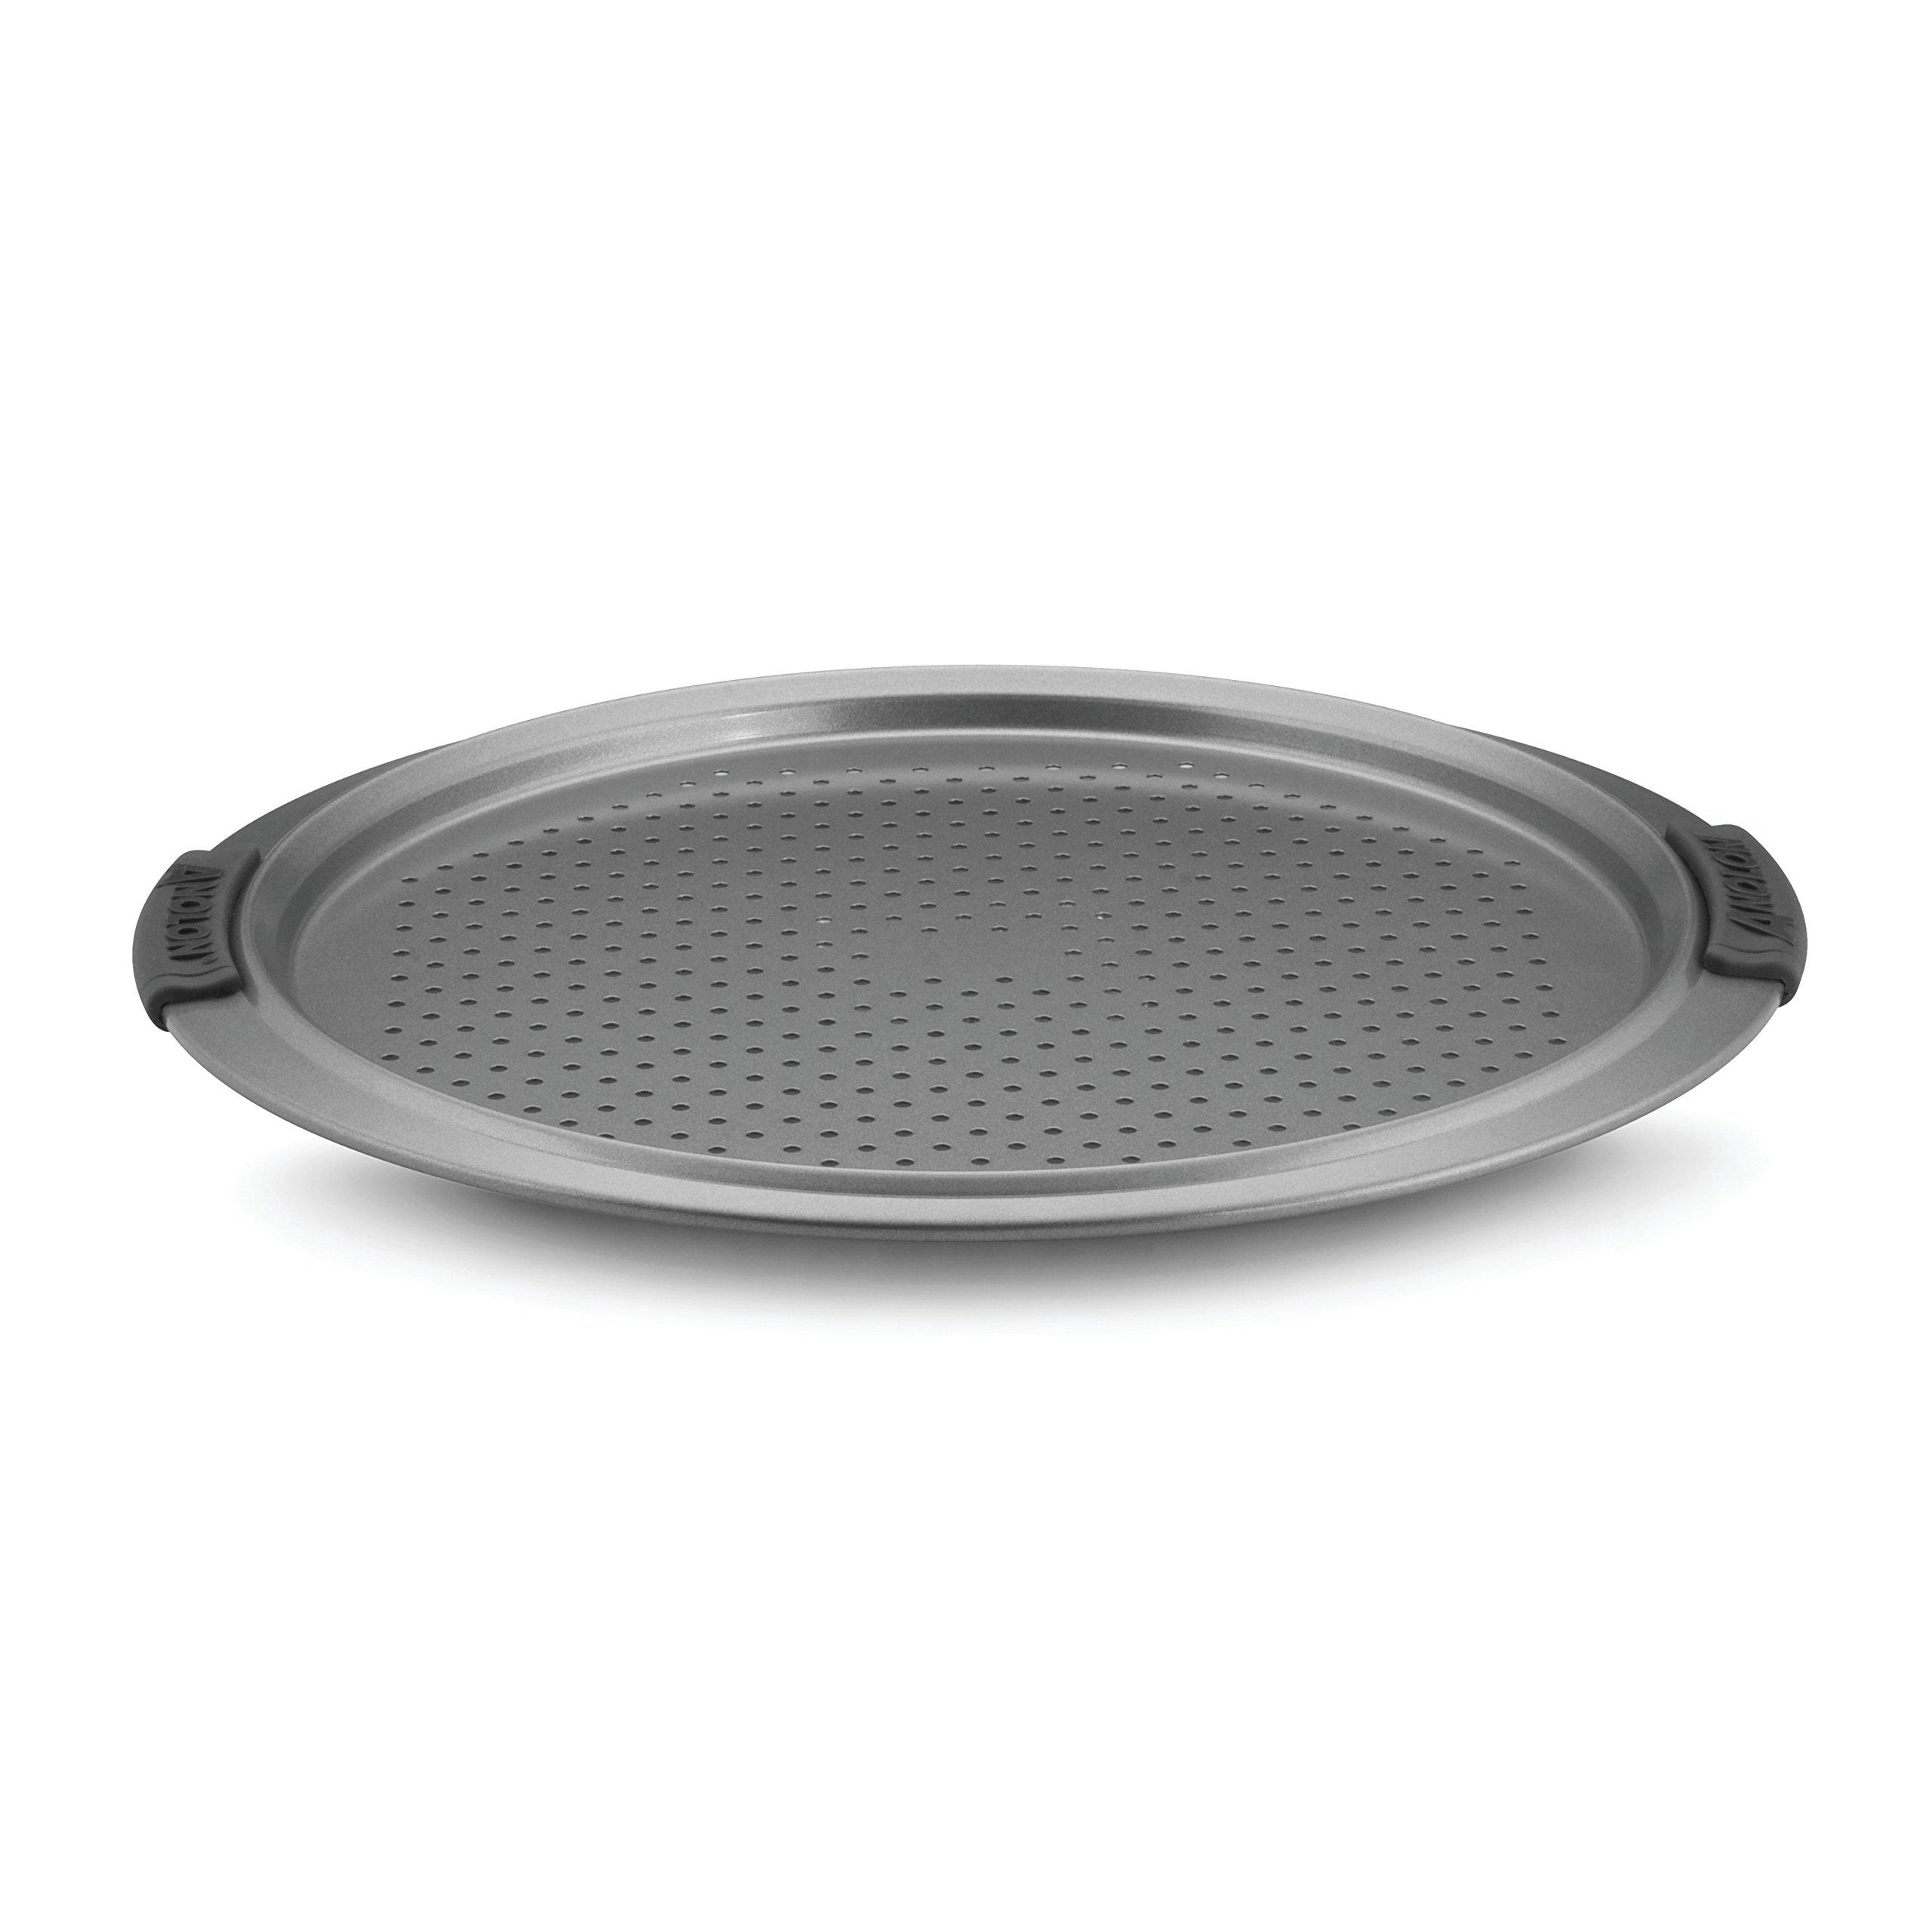 Anolon Advanced Nonstick Bakeware 13'' Pizza Crisper